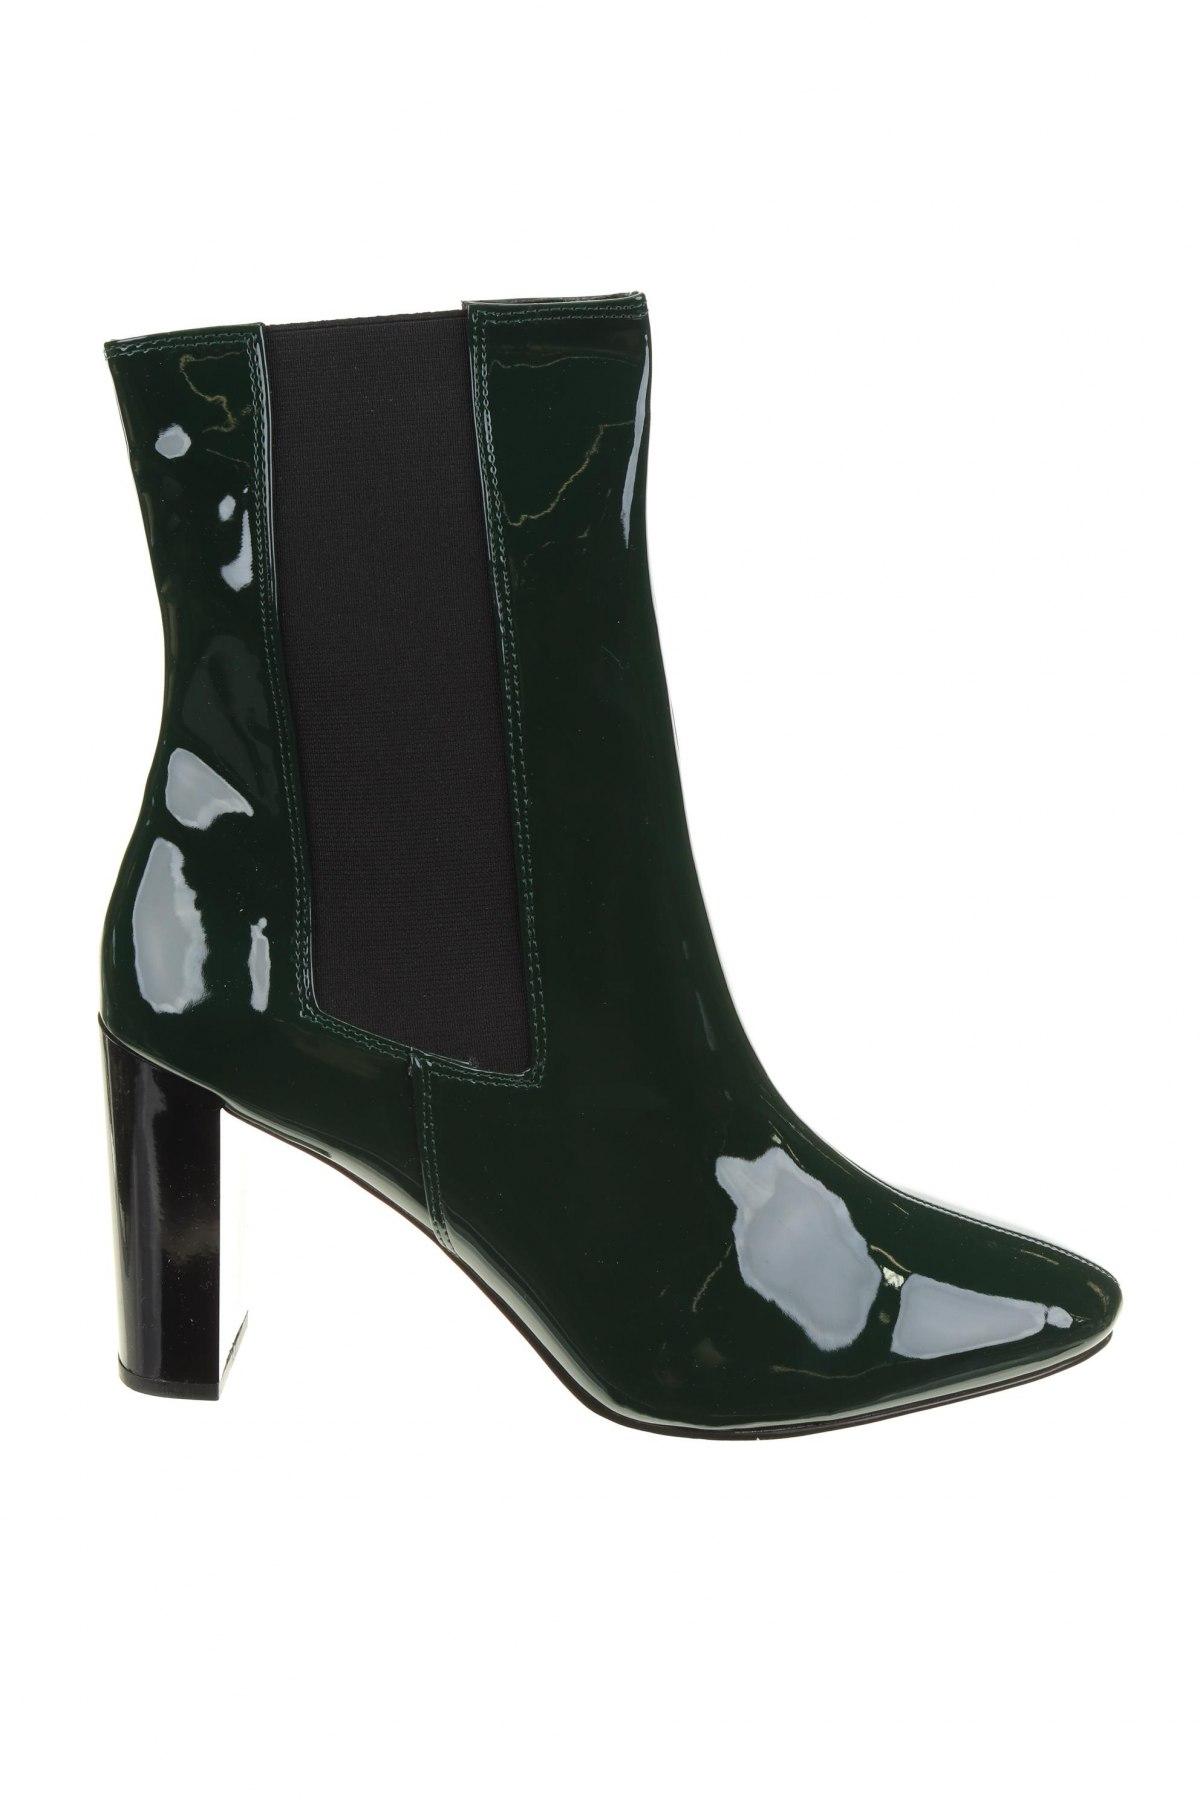 Дамски боти Michelle Keegan, Размер 41, Цвят Зелен, Еко кожа, Цена 79,00лв.